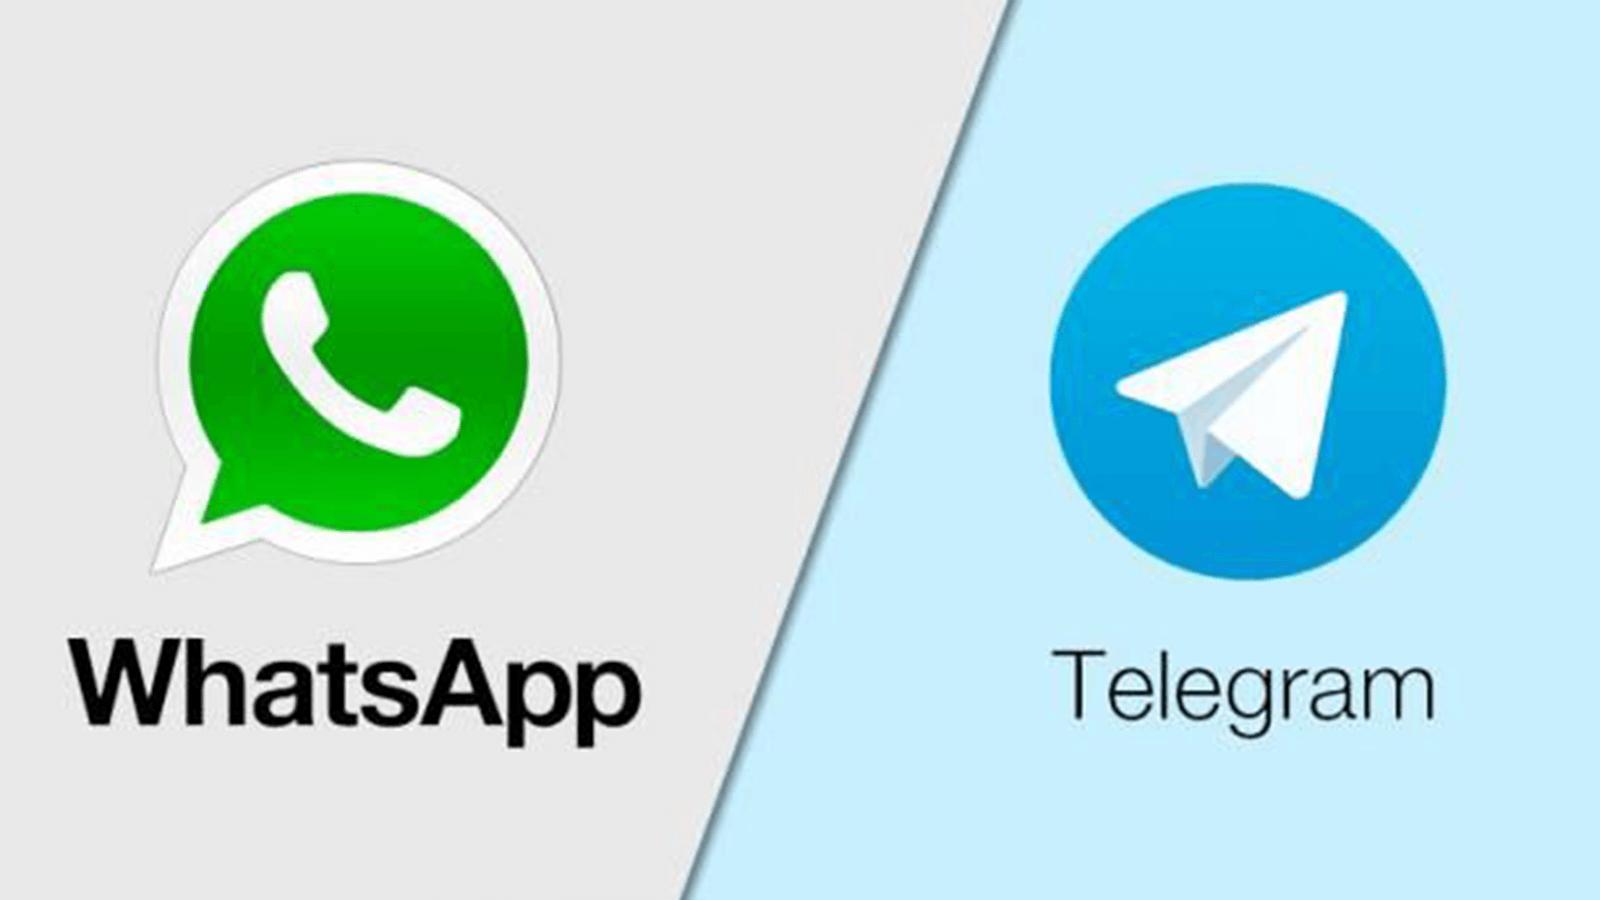 WhatsApp ou Telegram qual o Melhor?